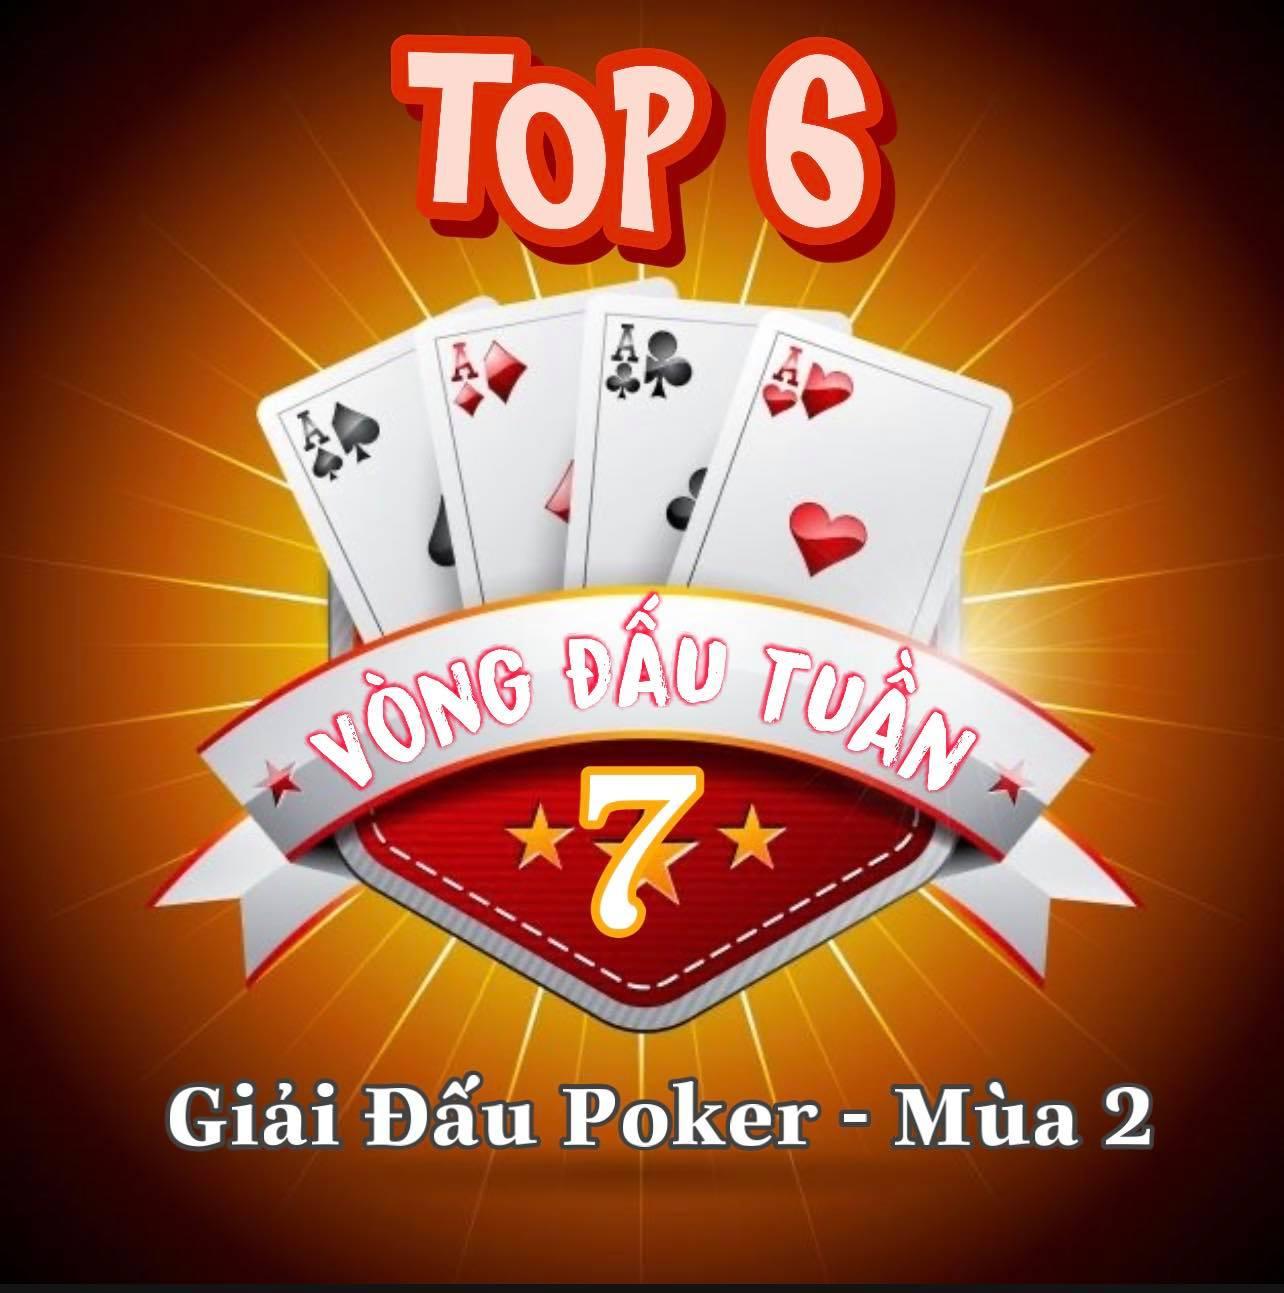 Top 06 Cao Thủ Sẽ Tham Dự Vòng Đấu Tuần 7 Đã Xuất Hiện [ Giải Đấu Poker Mùa 2 ]